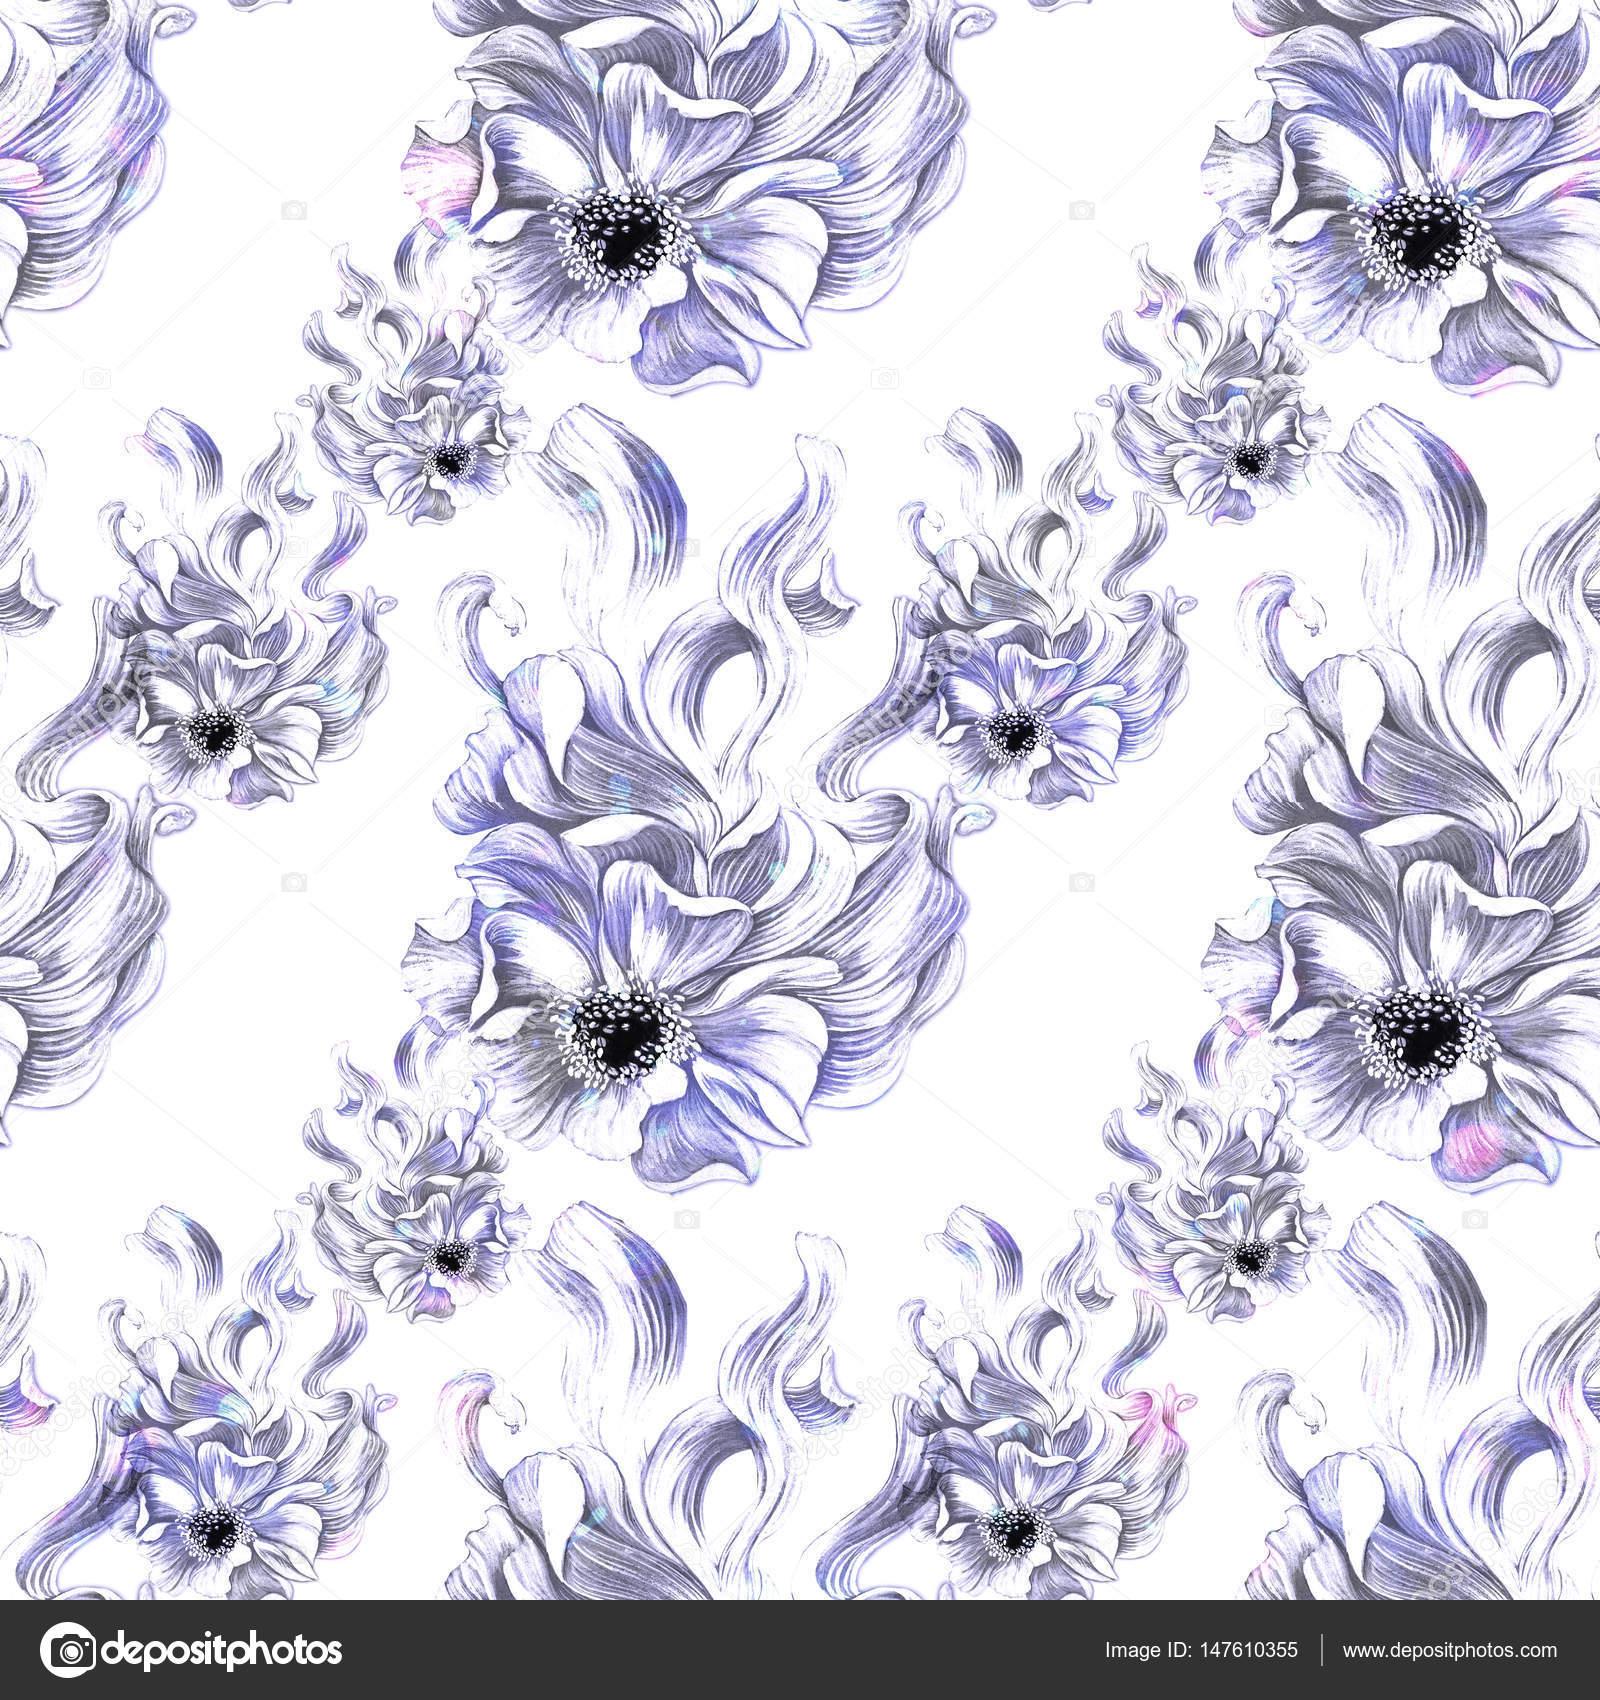 Blumen Abstrakte Wallpaper Mit Floralen Motiven Nahtlose Muster